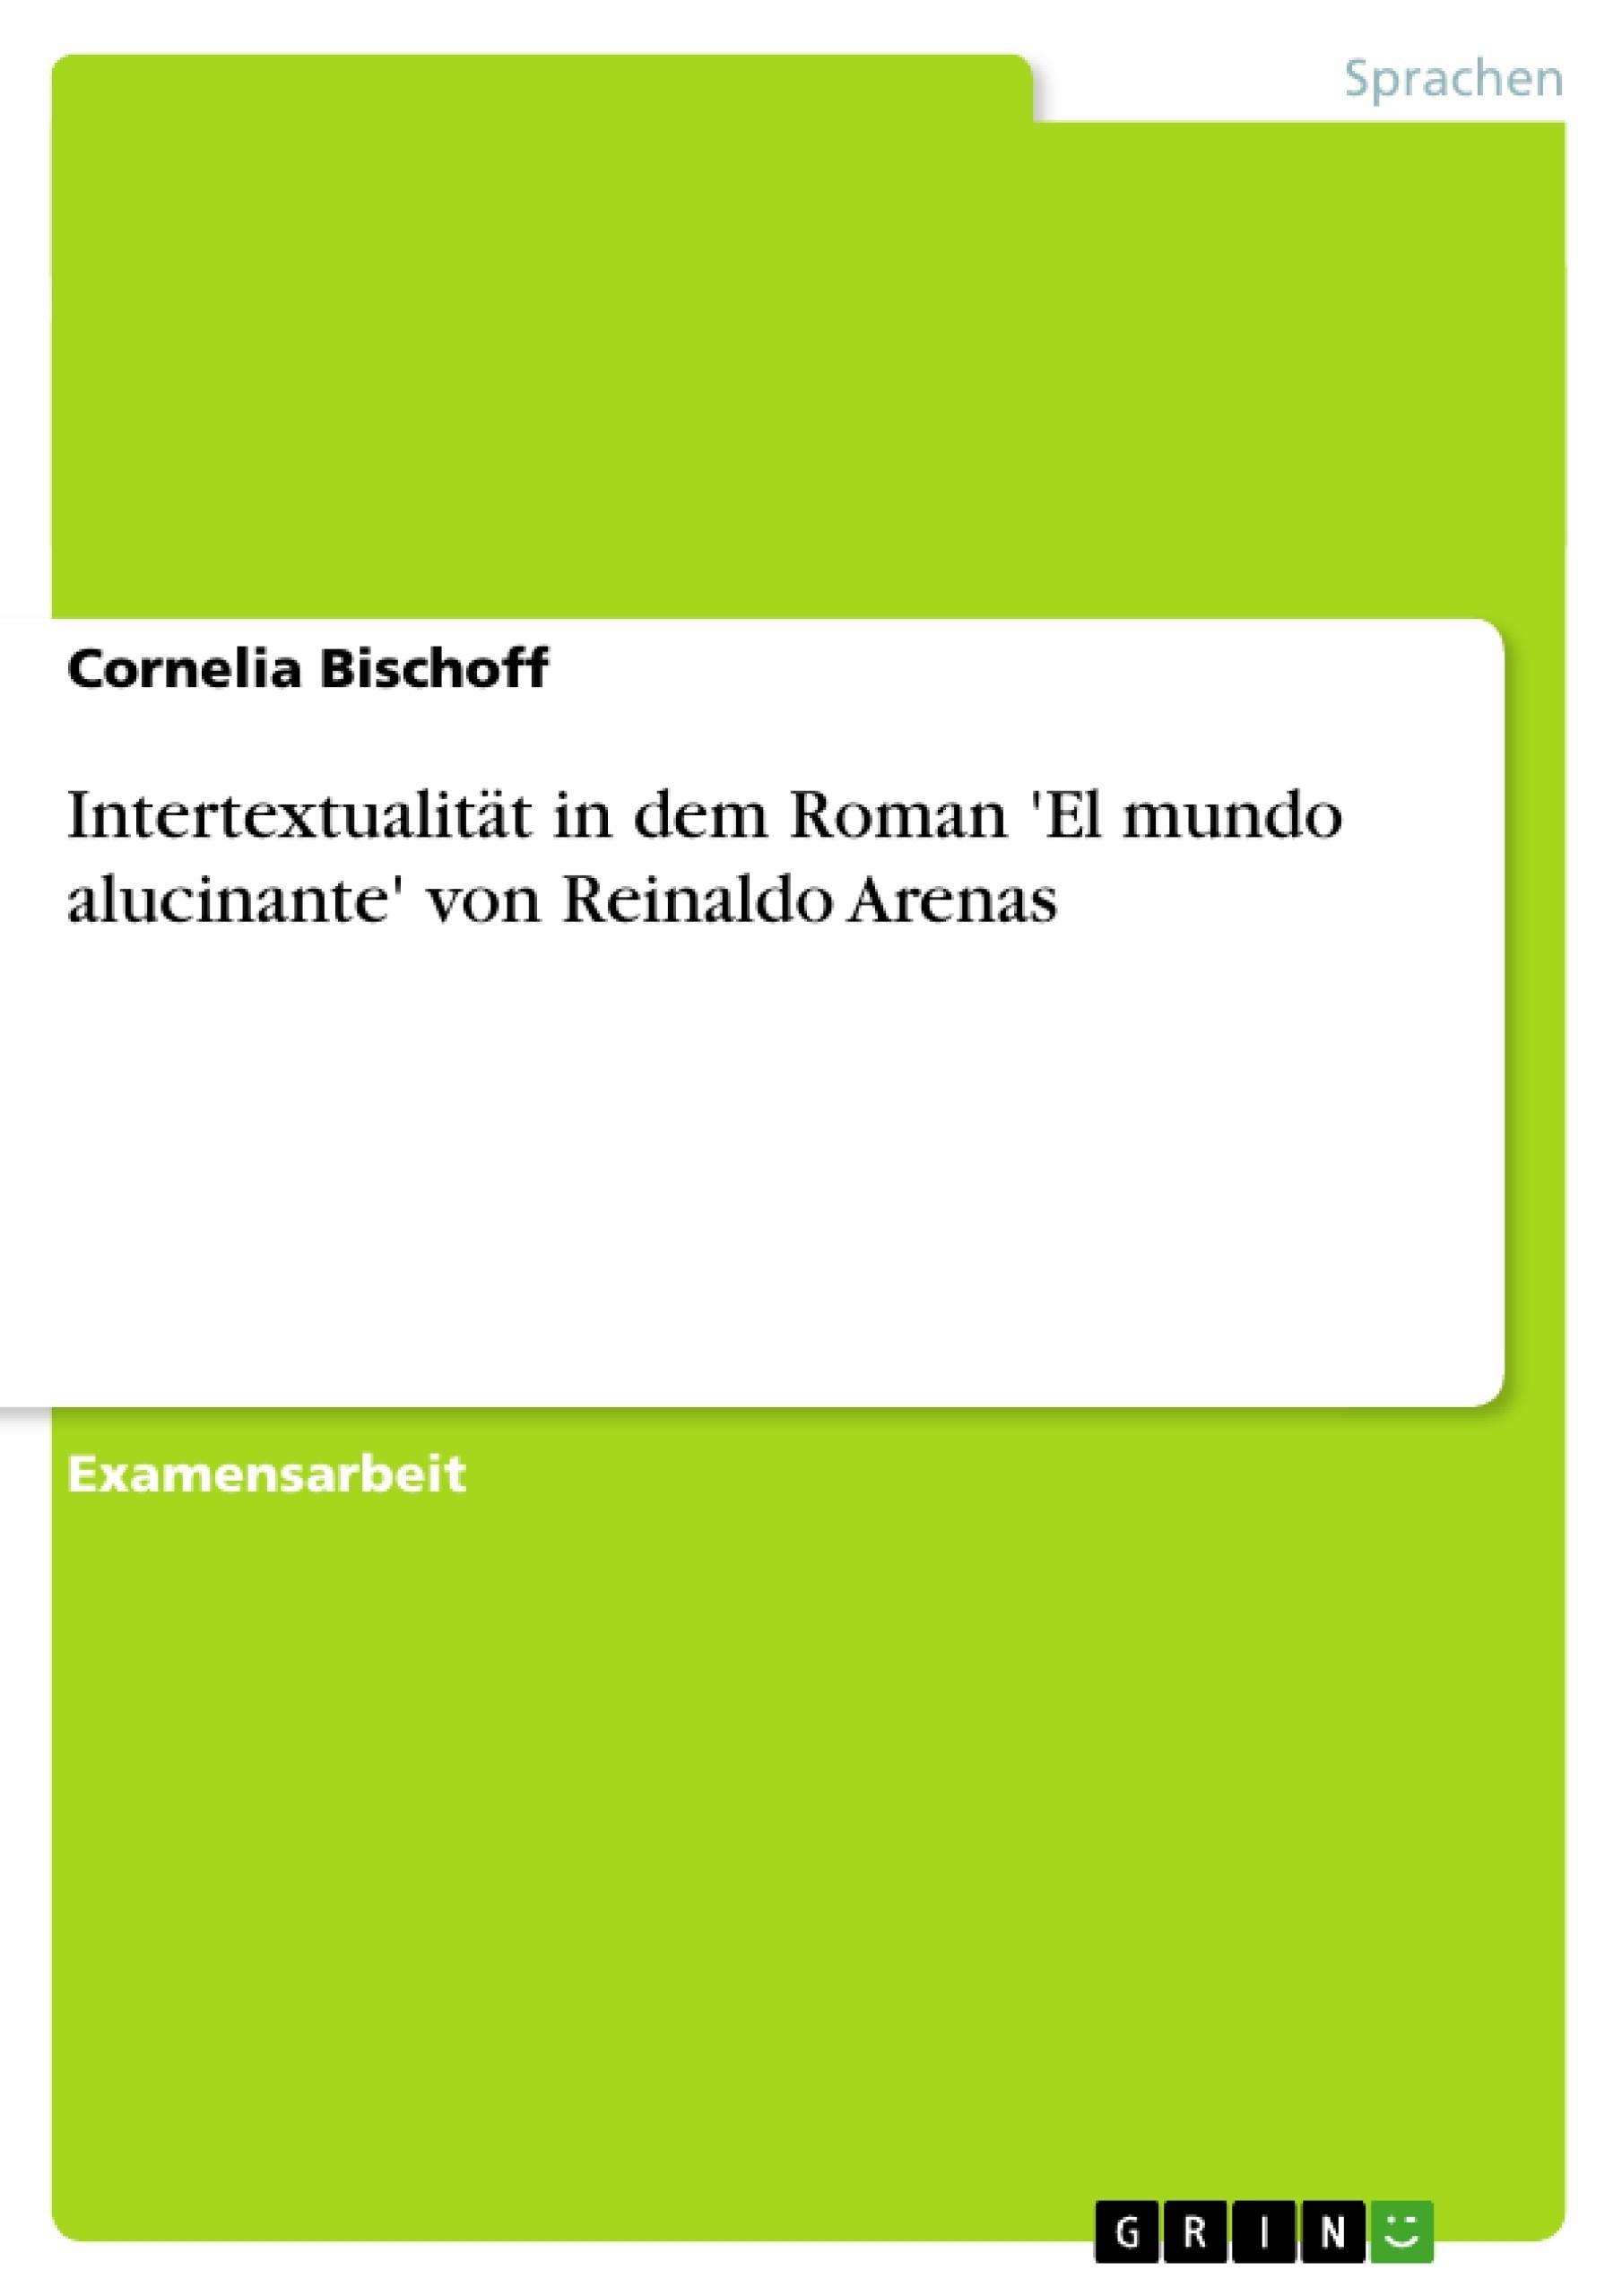 Titel: Intertextualität in dem Roman 'El mundo alucinante' von Reinaldo Arenas